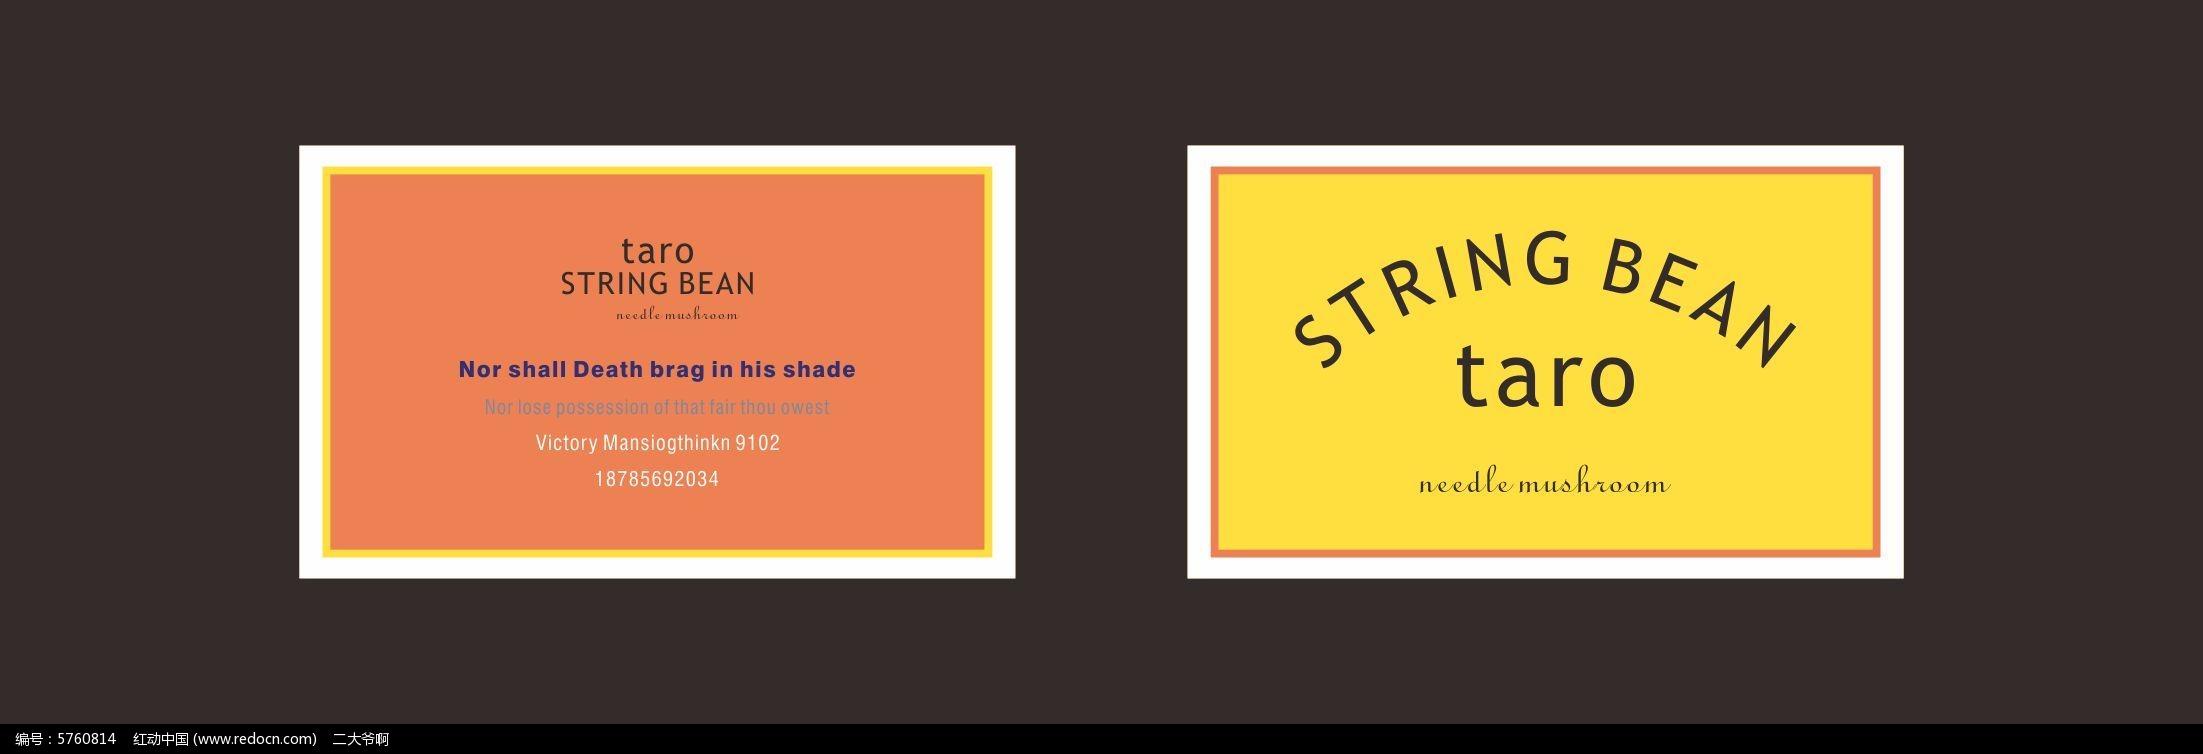 橙色黄色边框简约名片